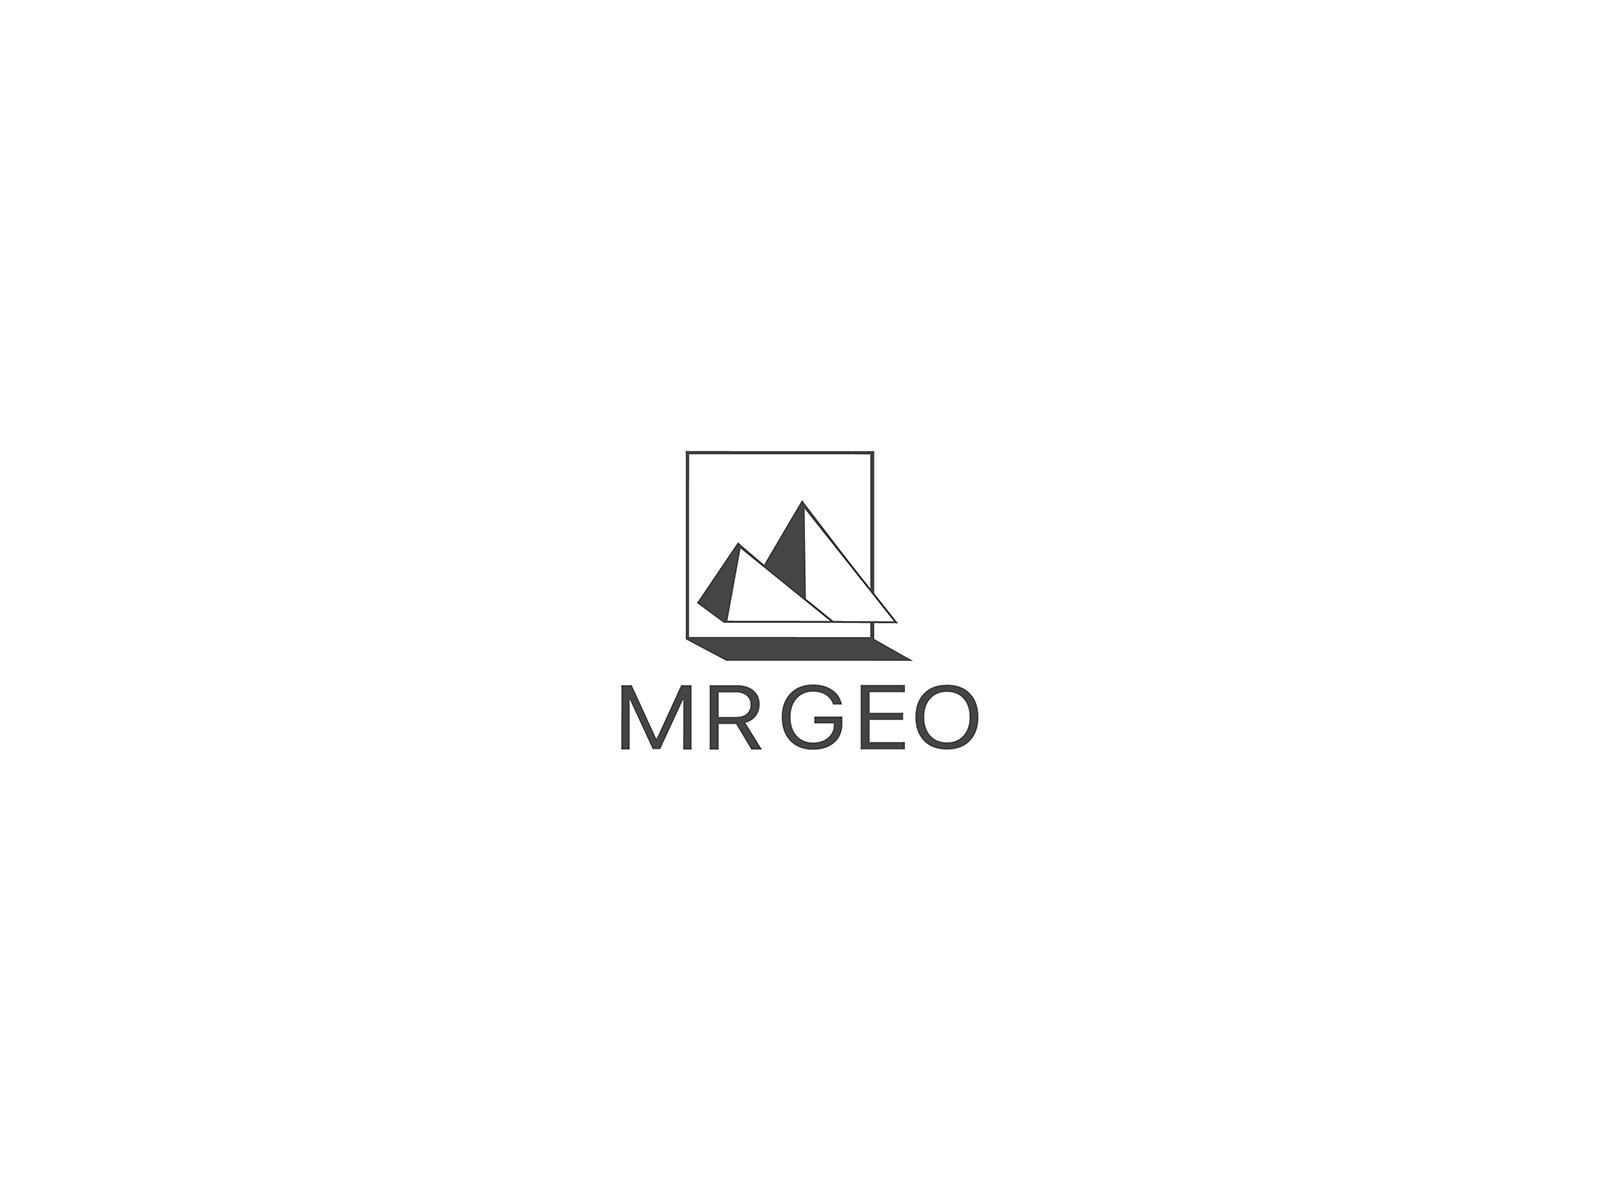 Mrgeo logo